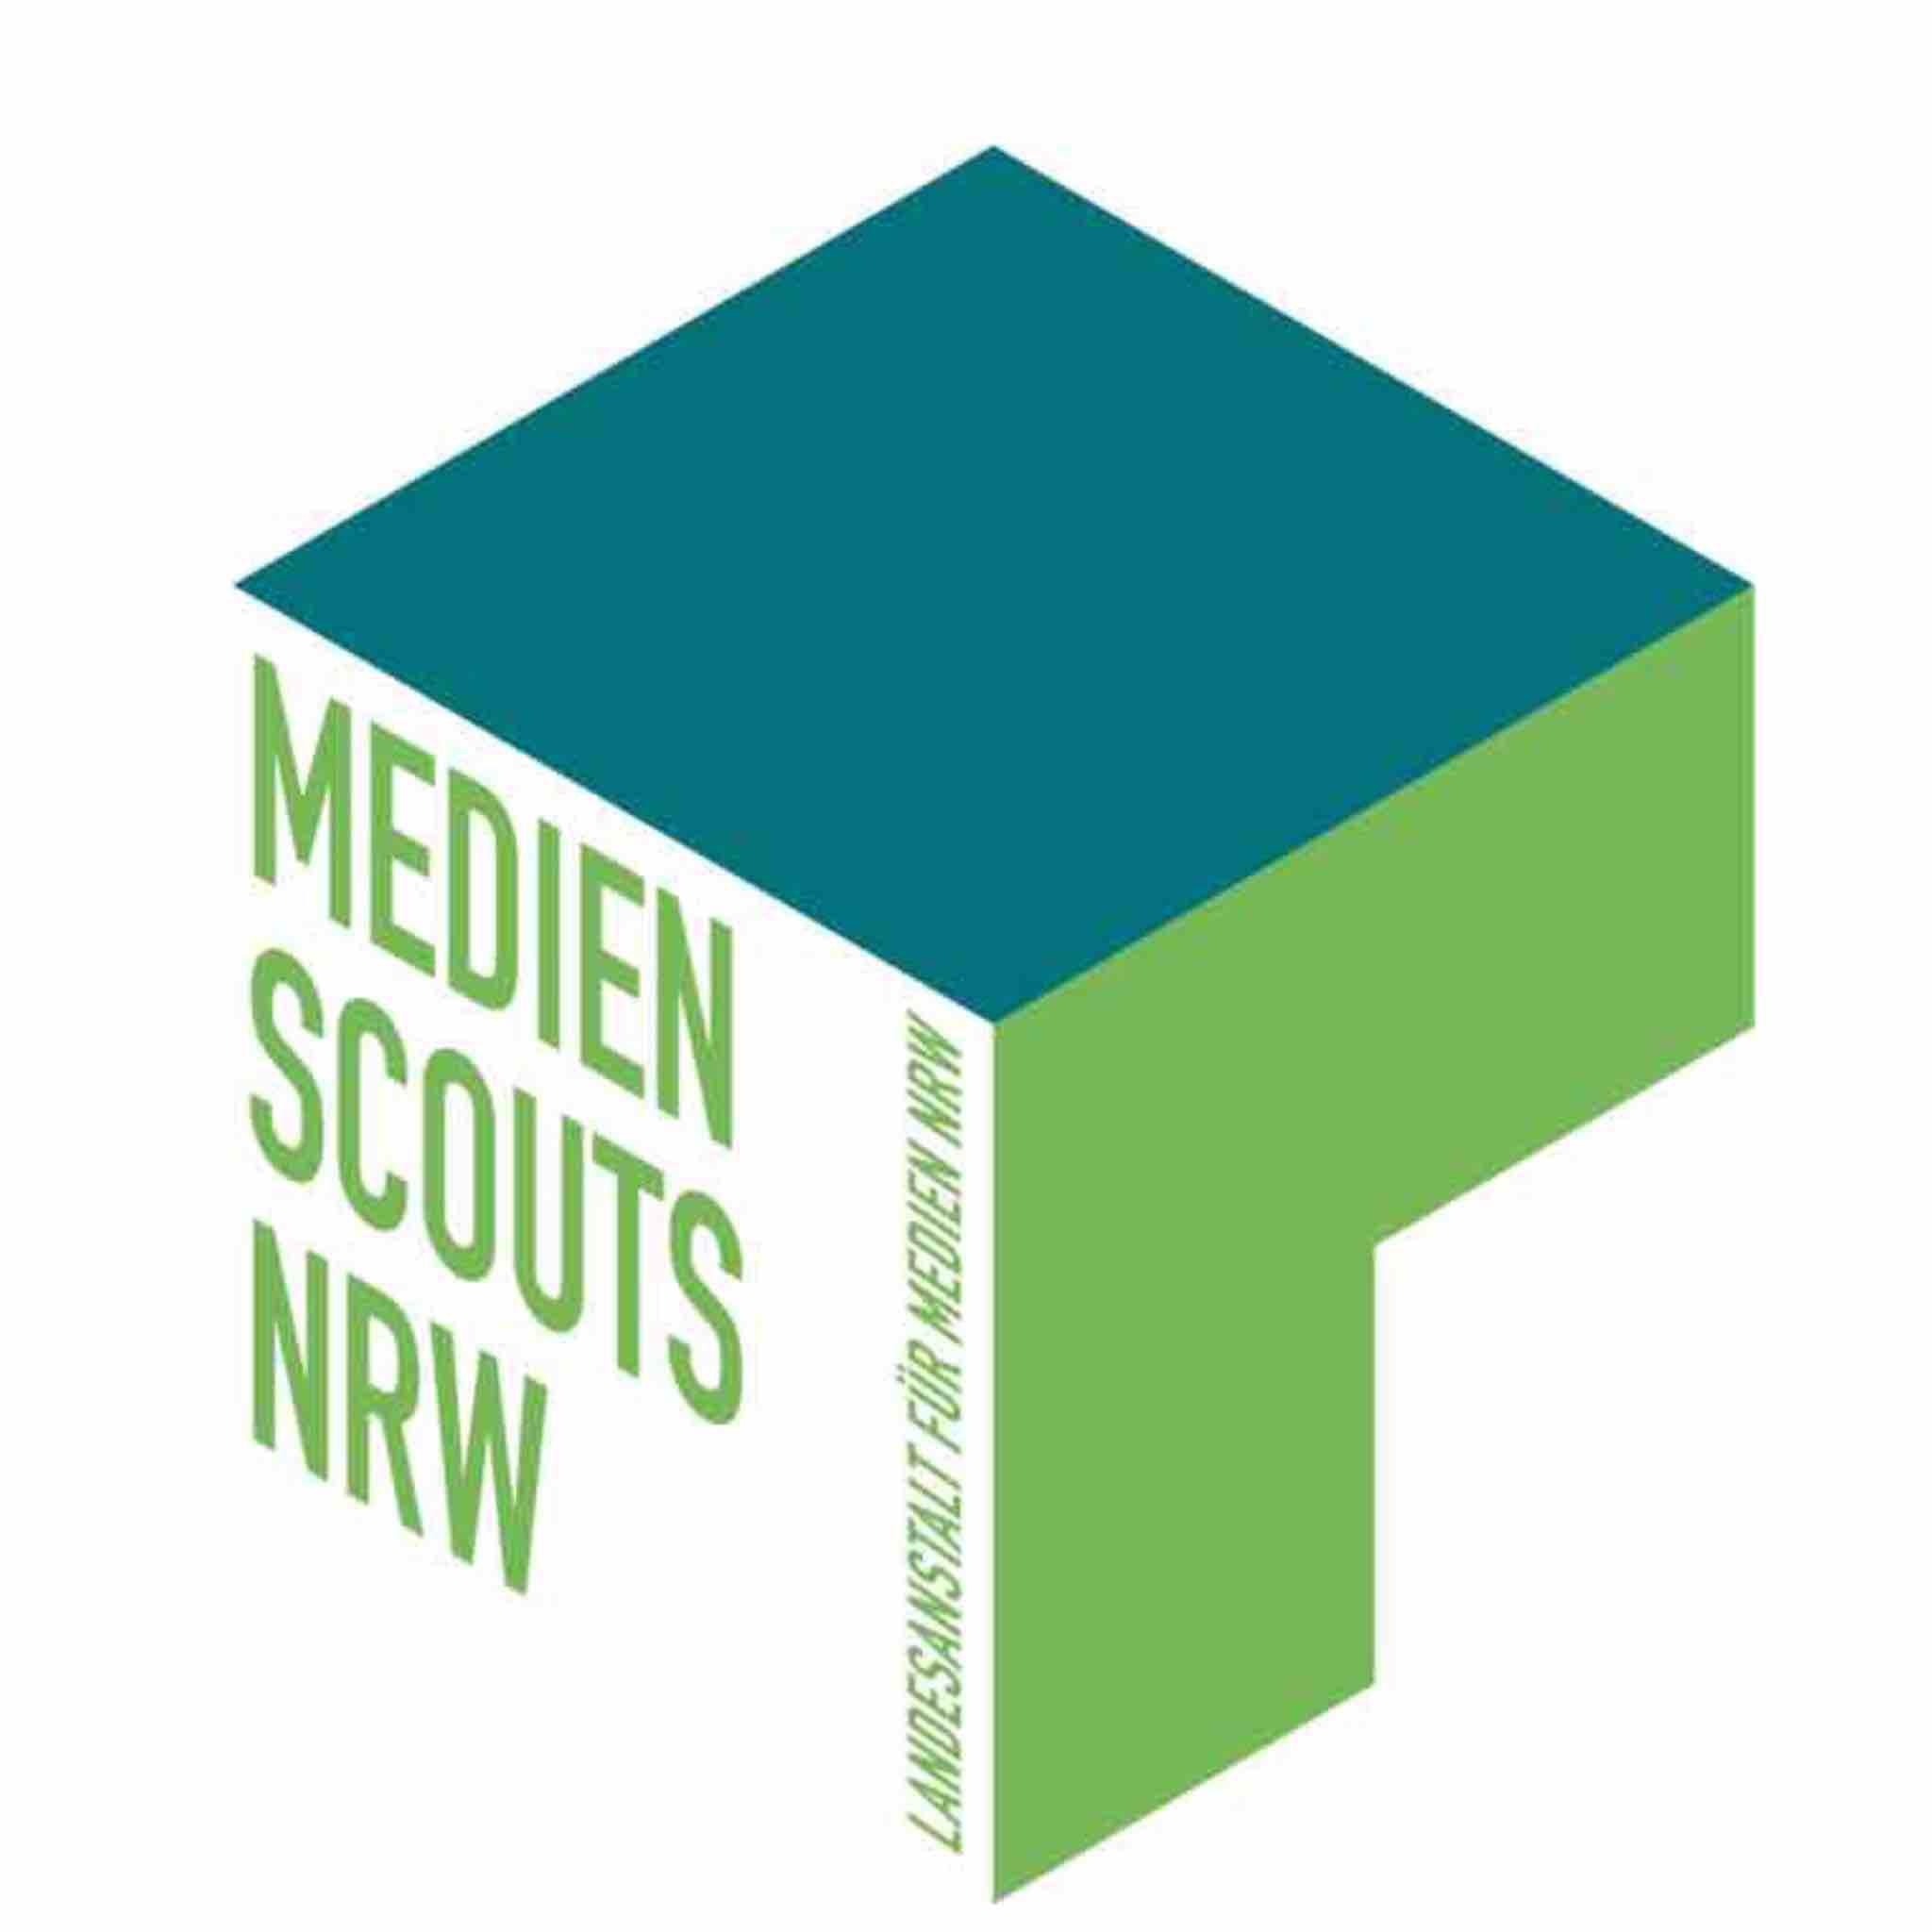 Logo der Medienscouts NRW